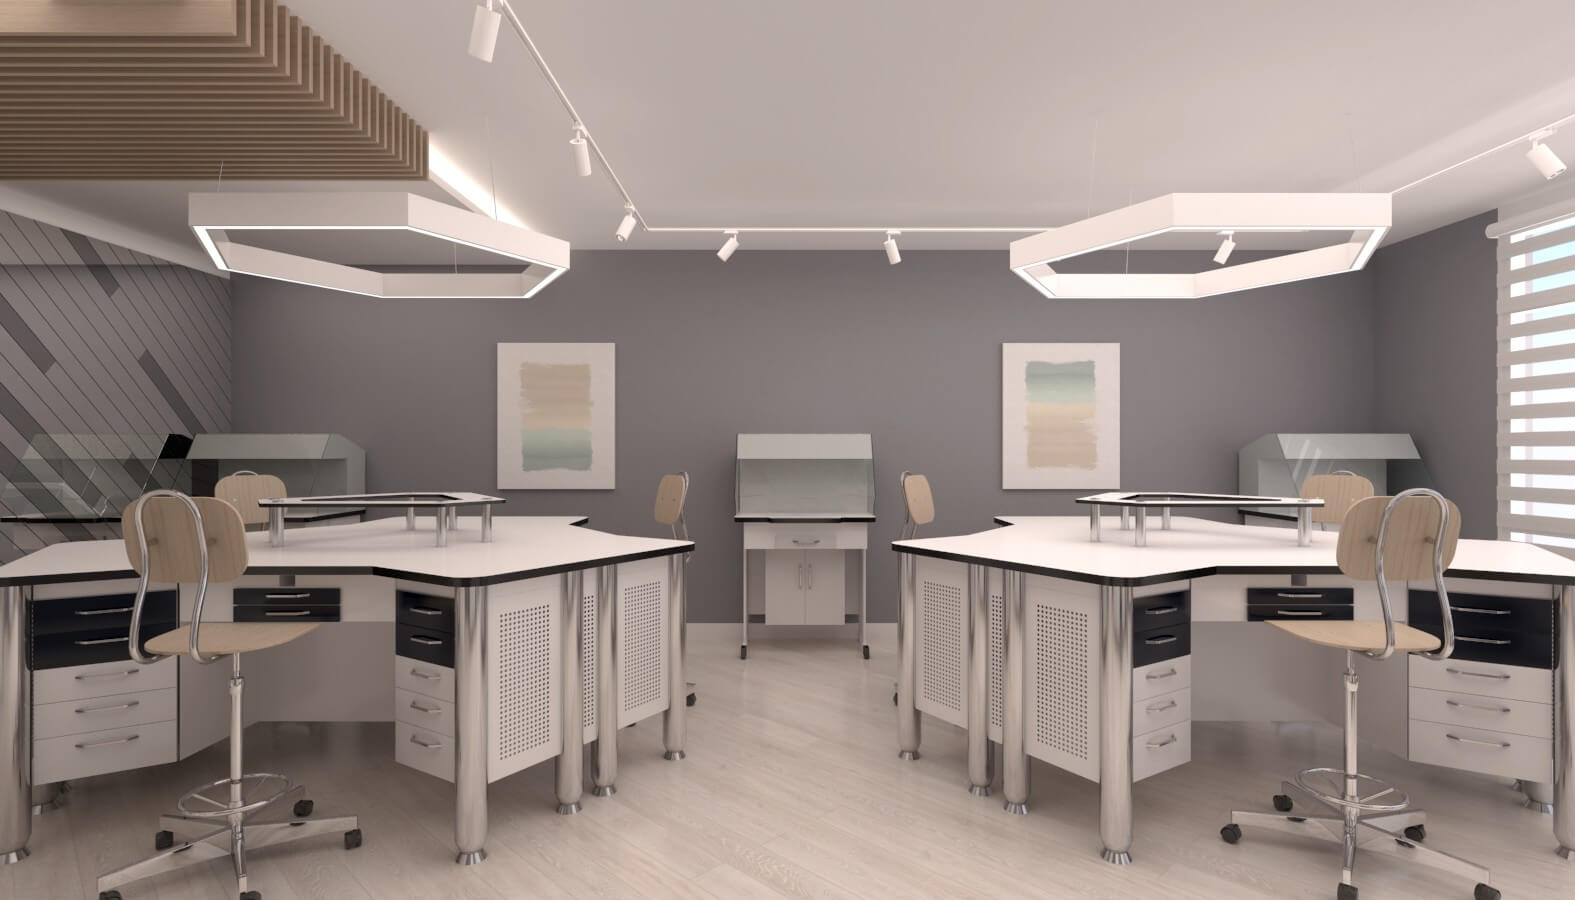 ofis mimari 3724 Crystal Dental Lab Ofisler